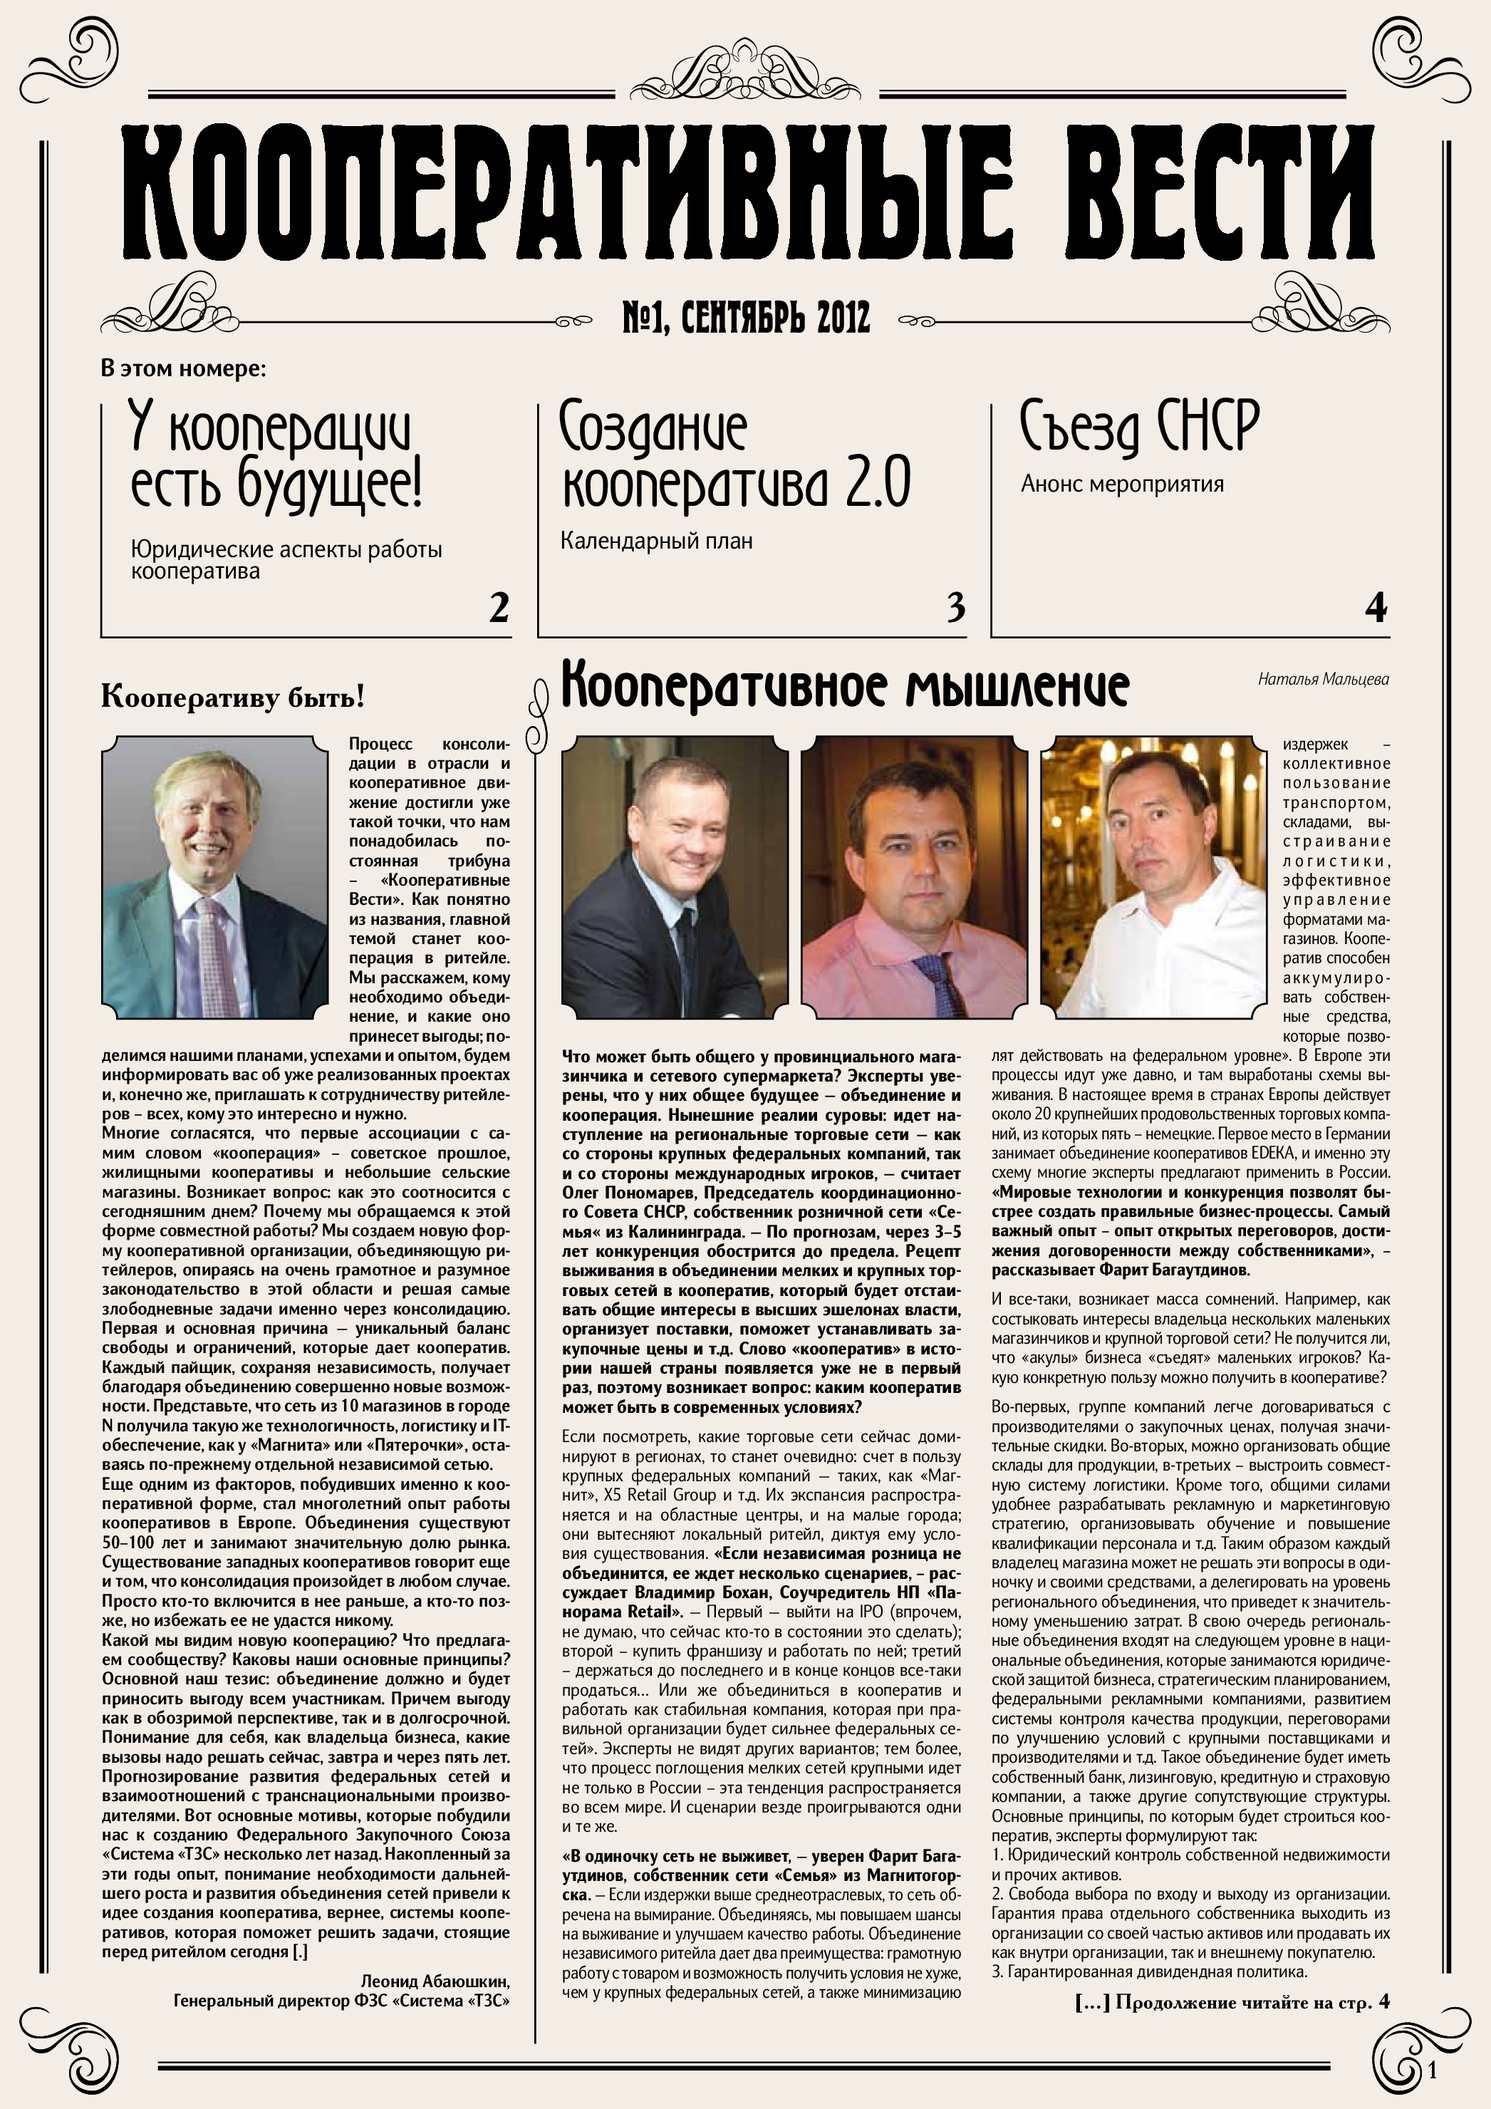 Кооперативные Вести - №1, Сентябрь 2012